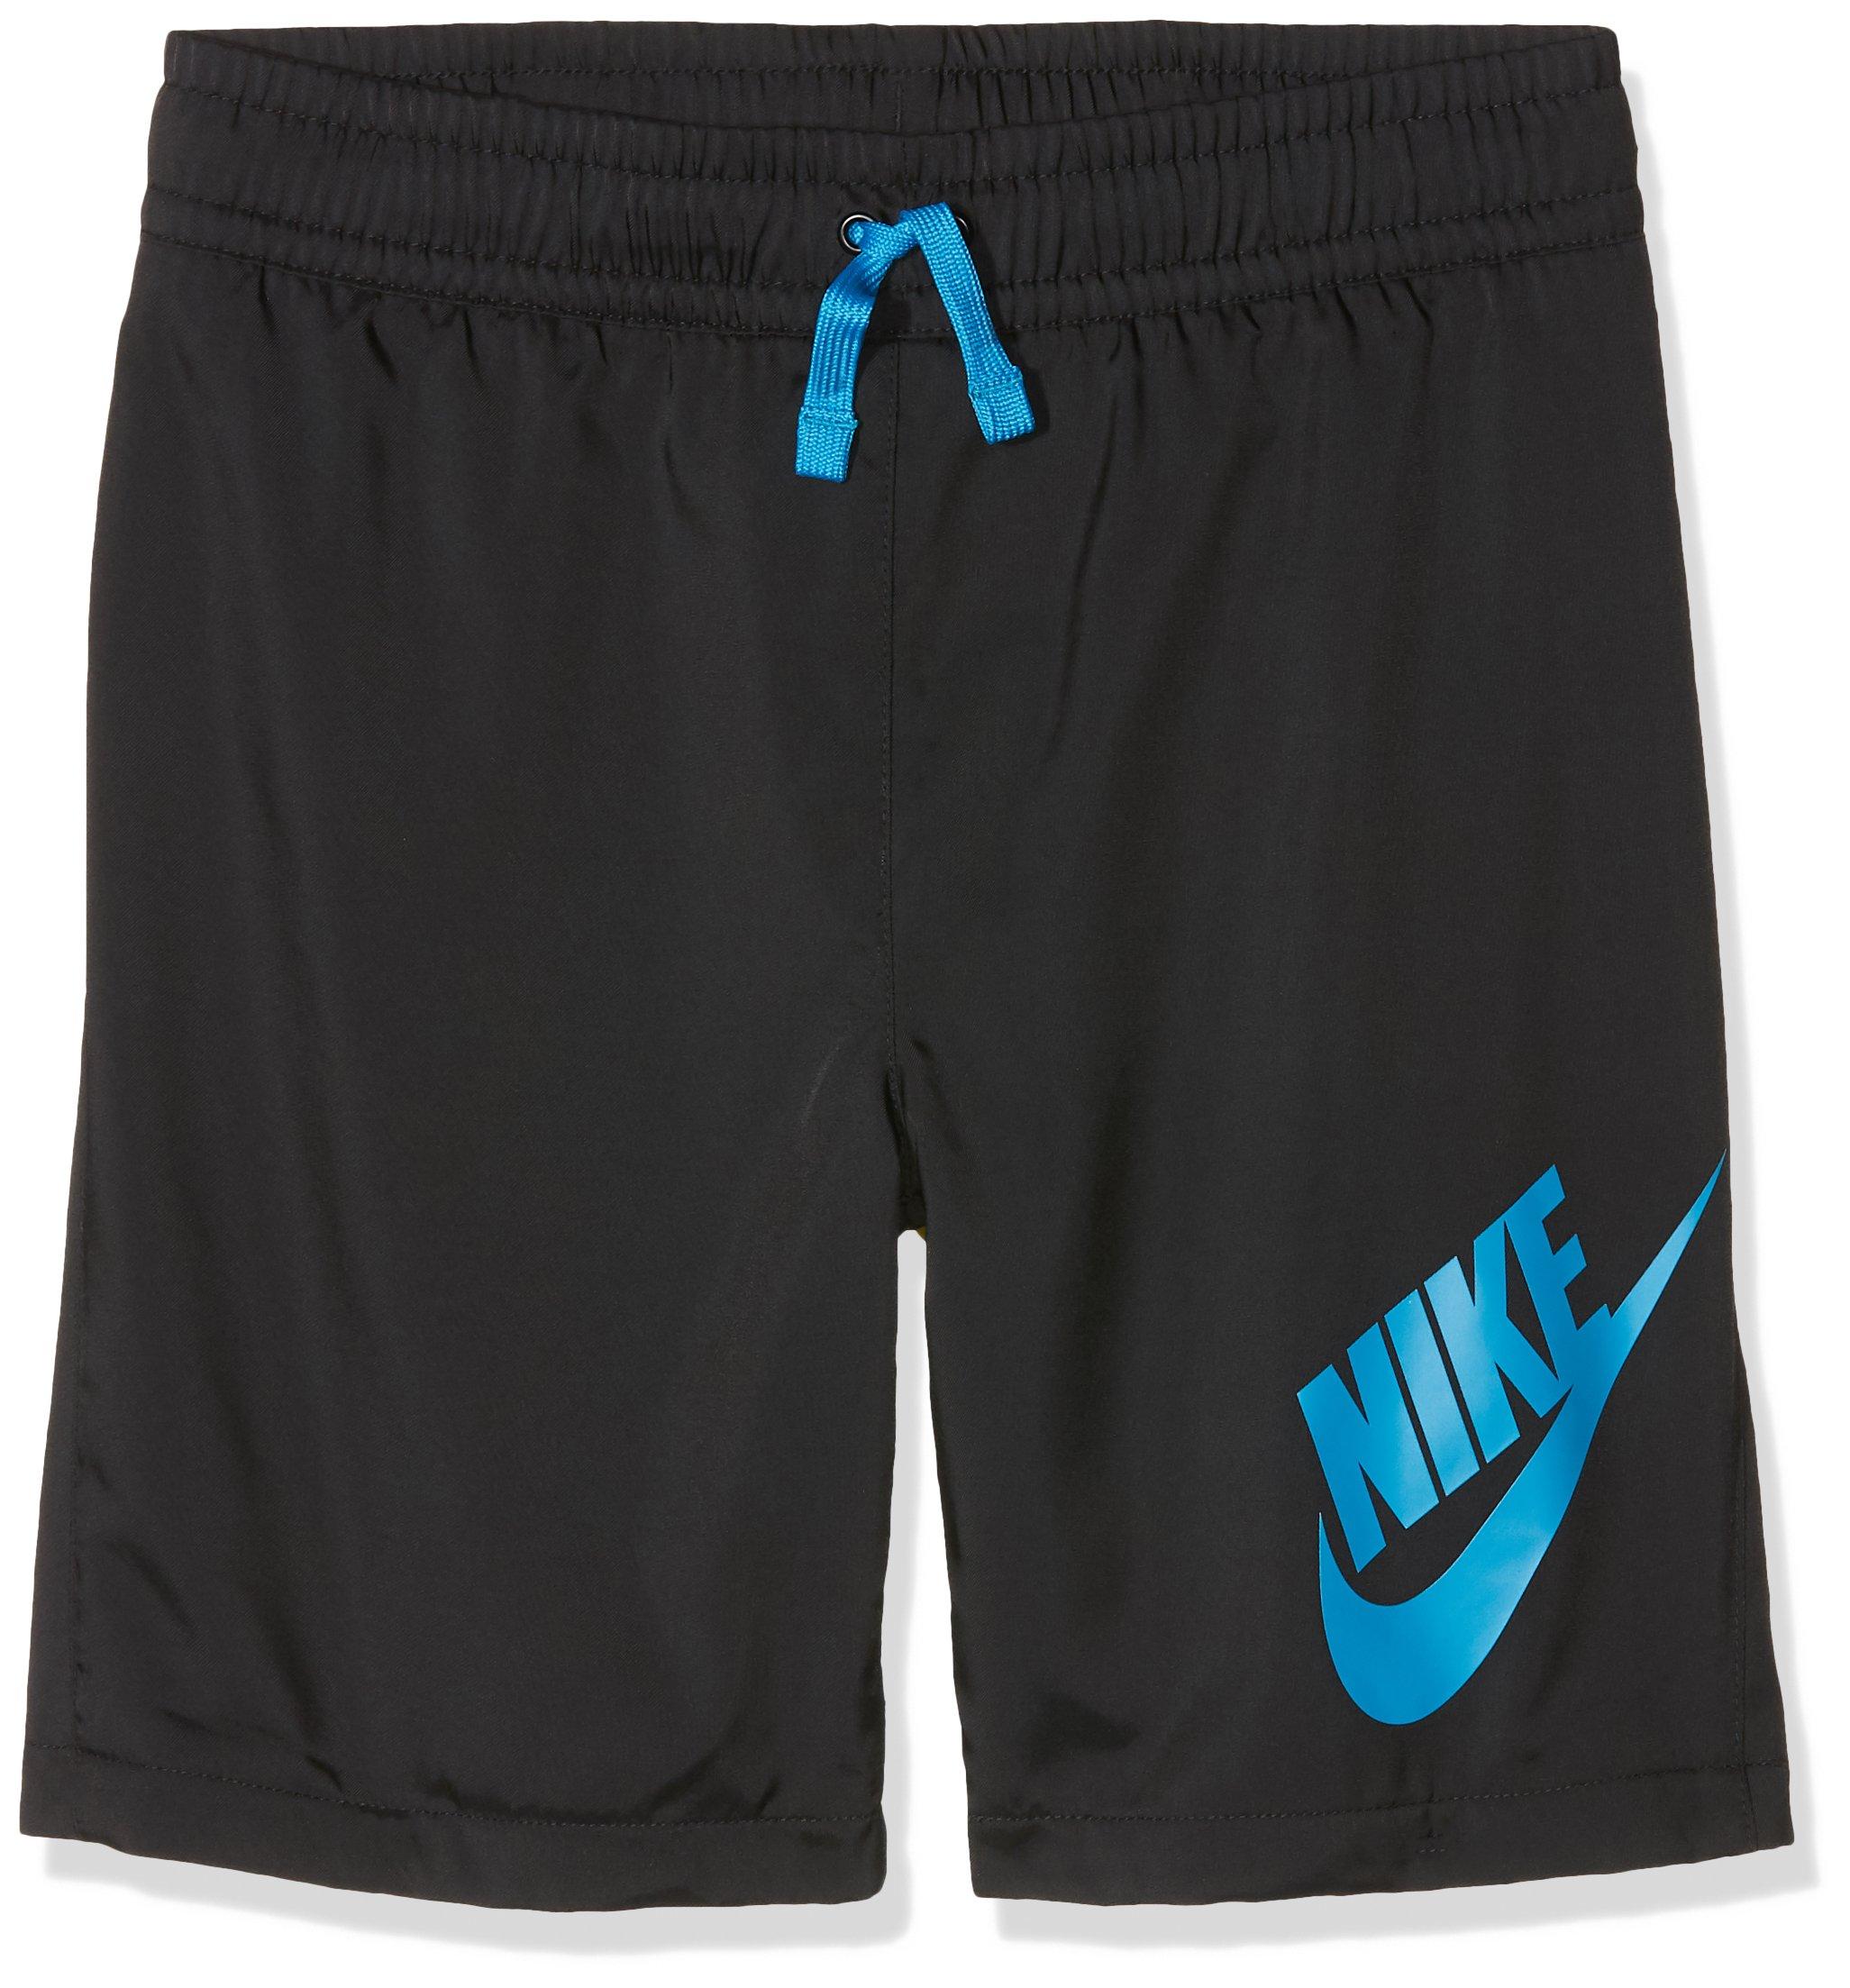 耐克运动装,男式短裤,黑色(黑色/赤道蓝色),S 码